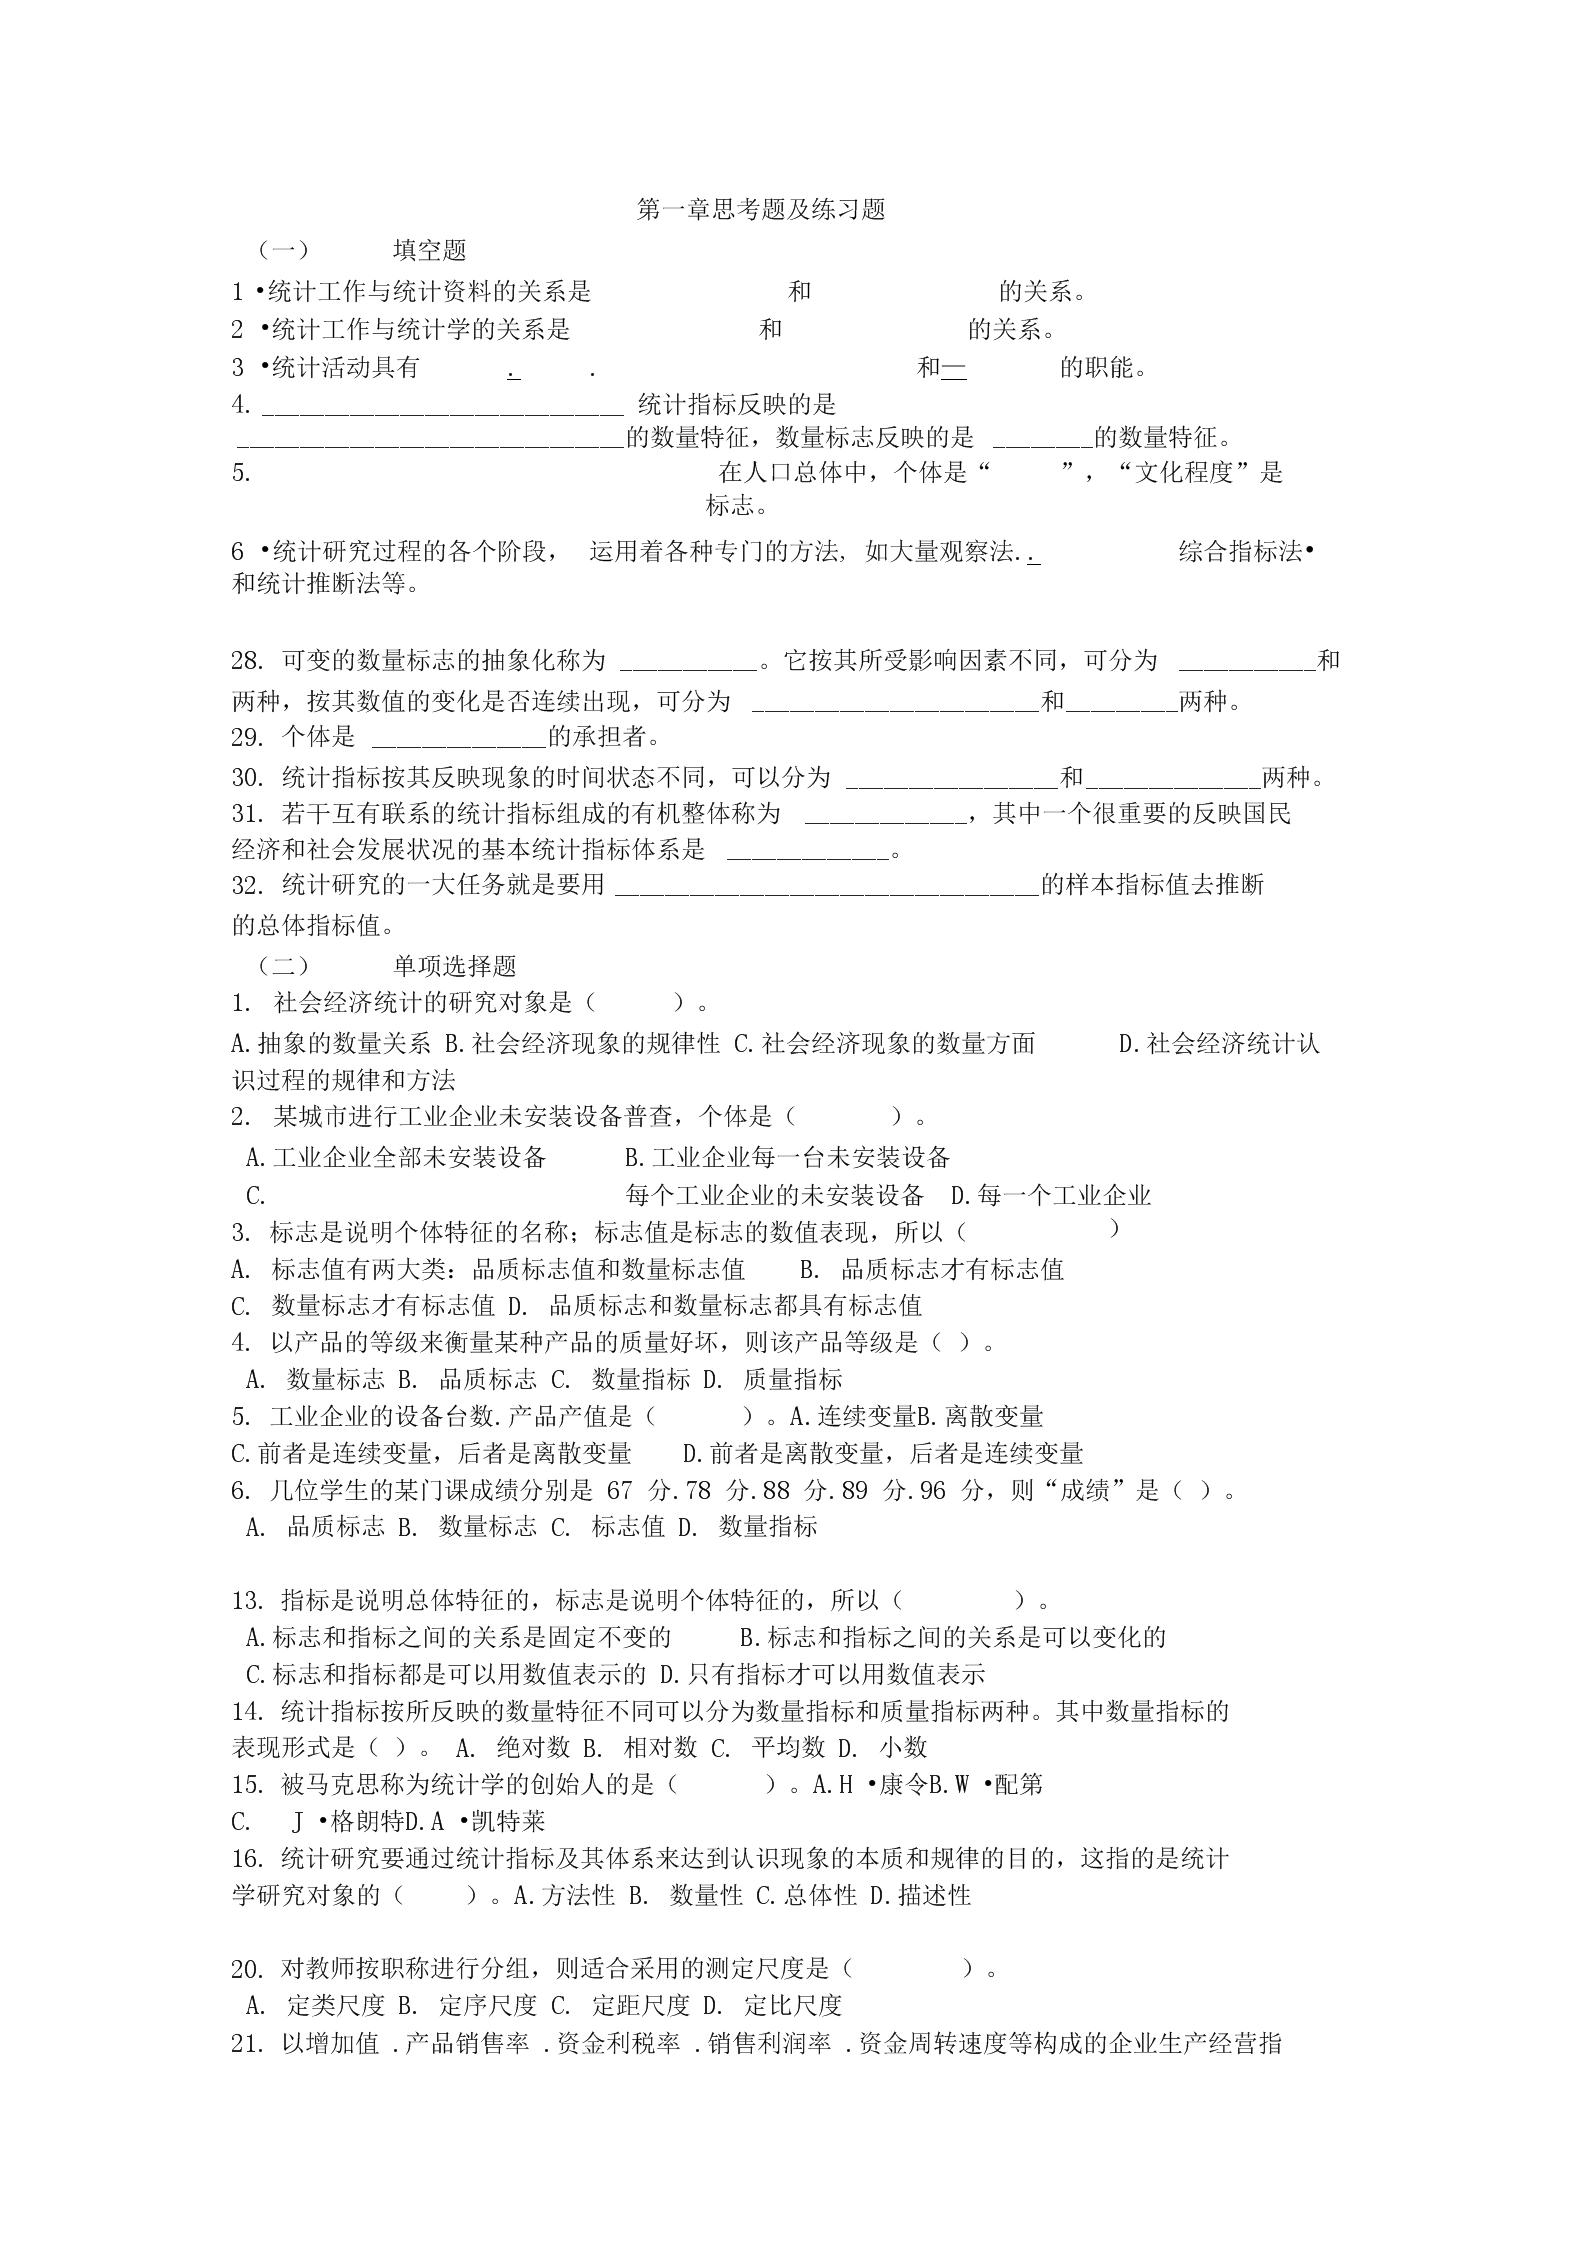 《应用统计学》复习题库完整.docx